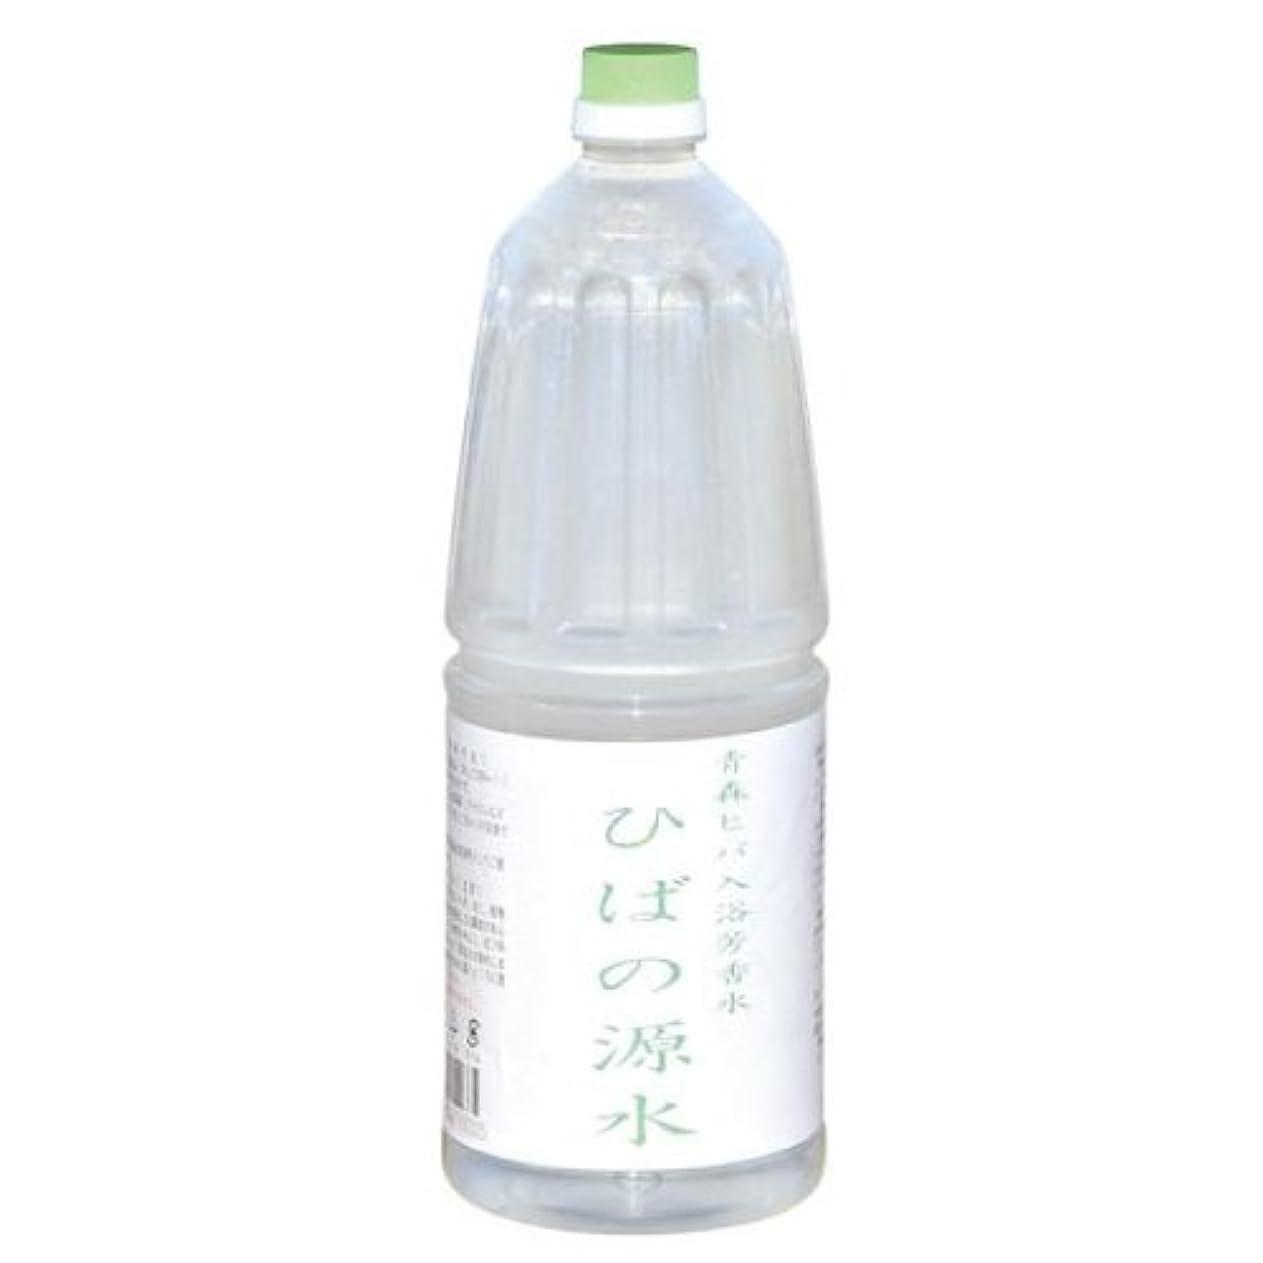 大臣プラス痛い青森ひば蒸留水 ひばの源水1800ml